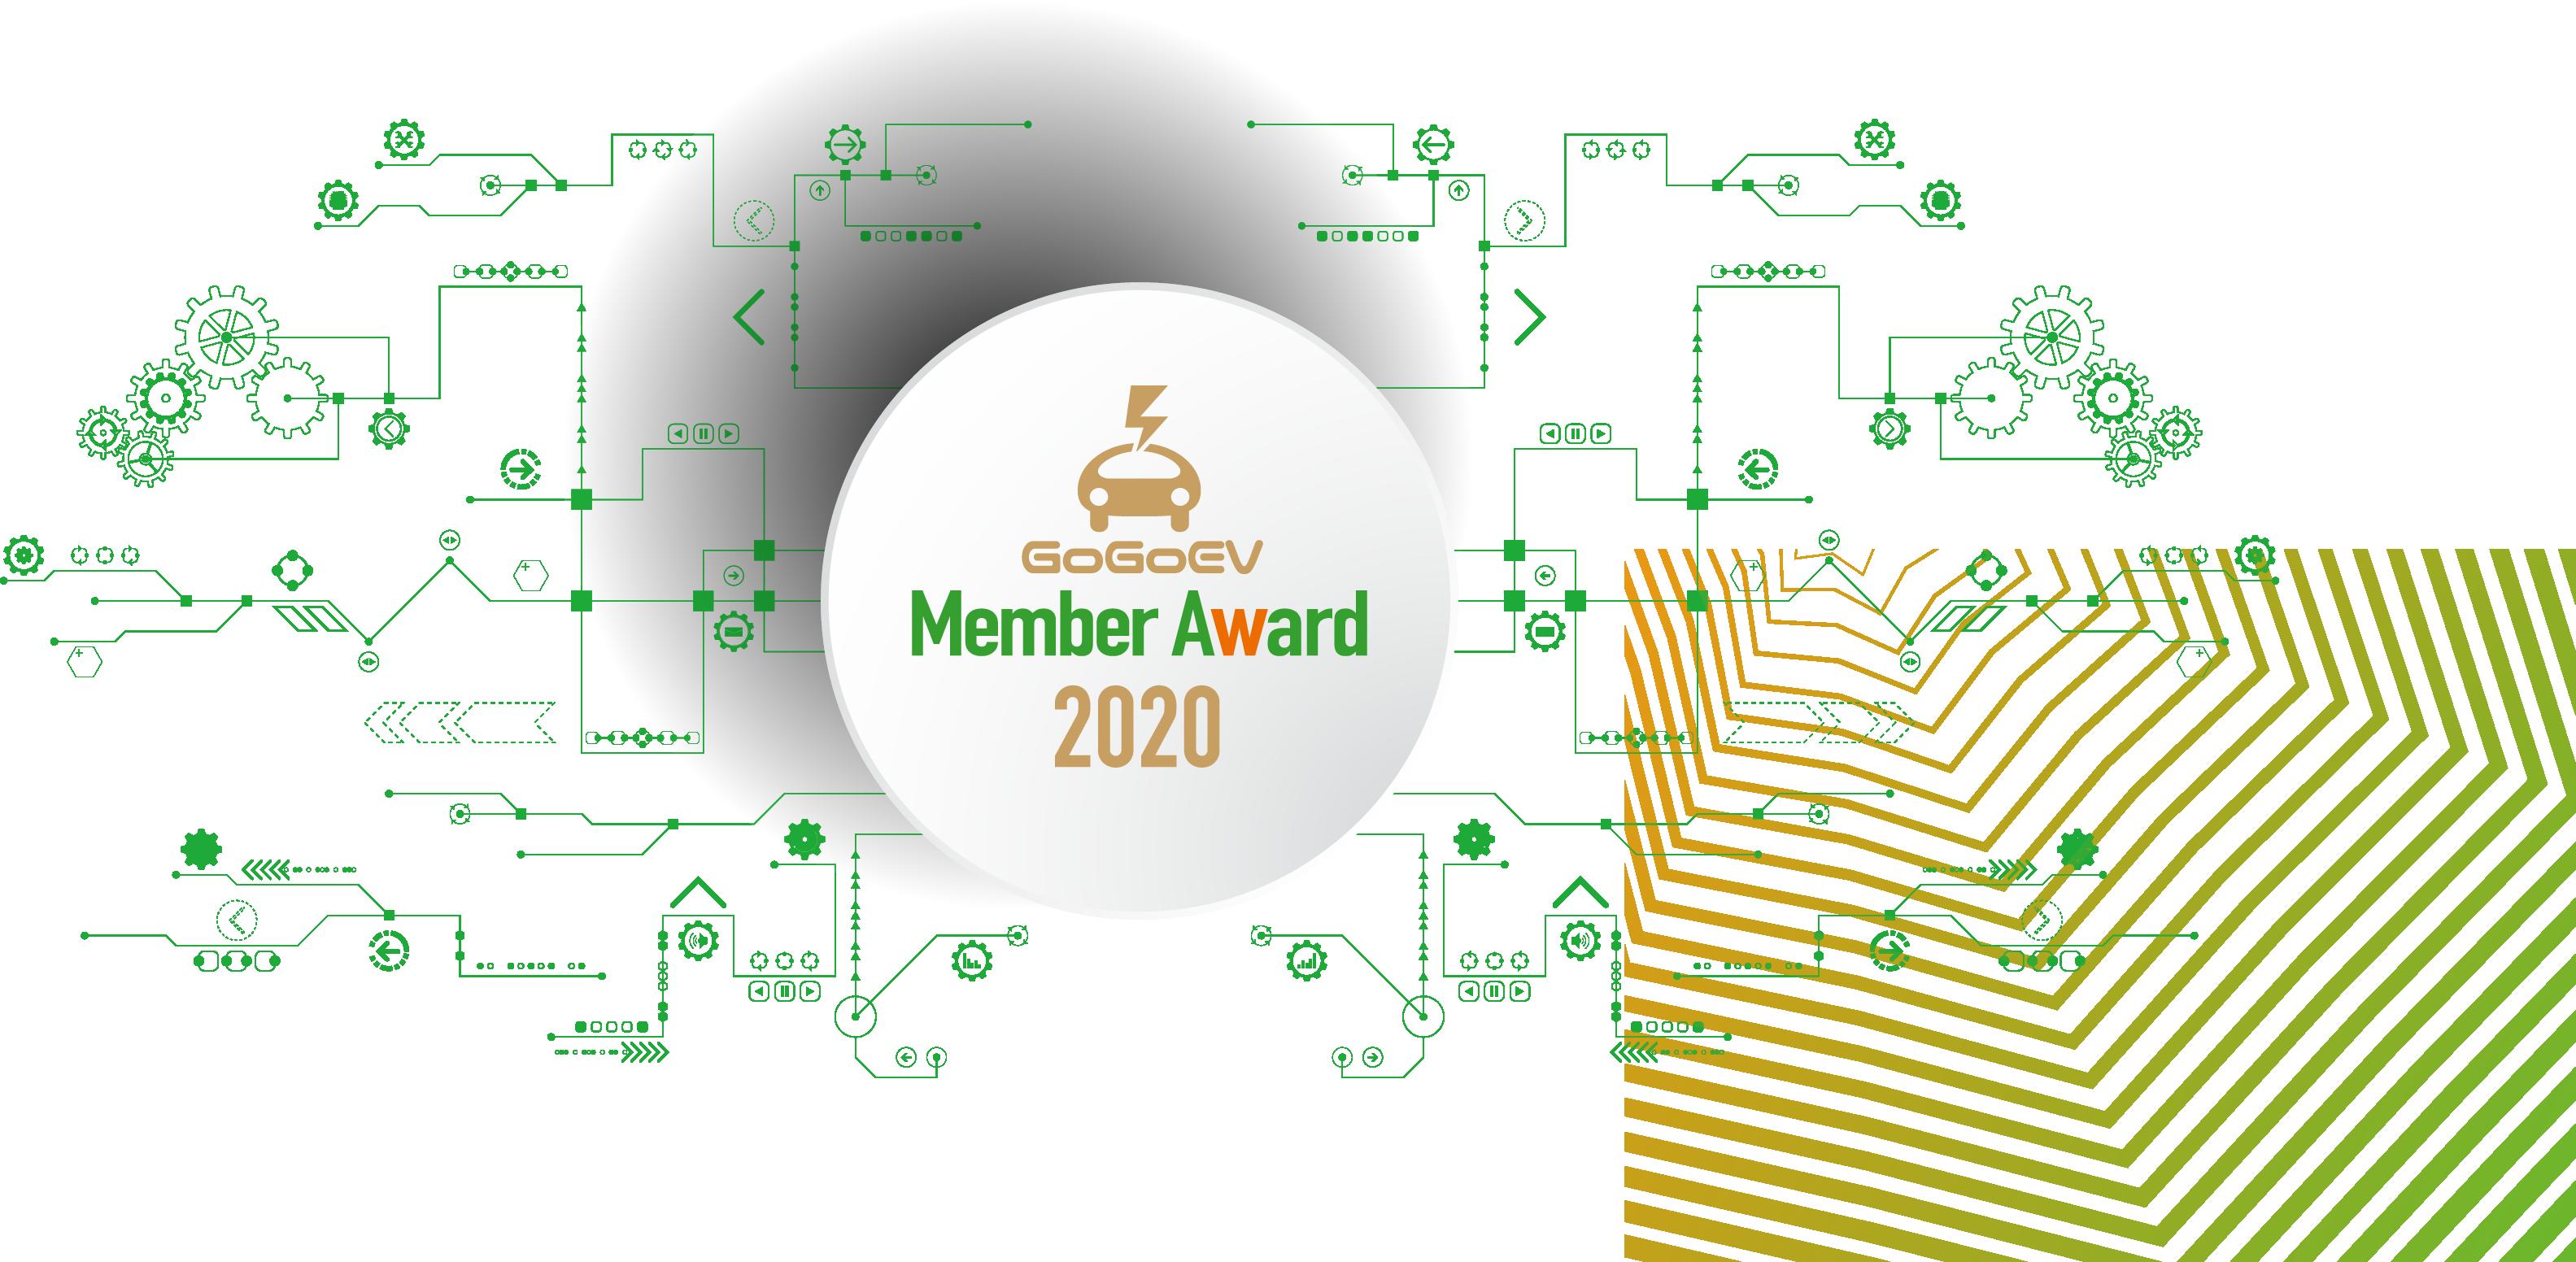 GoGoEV Menber Award 2020